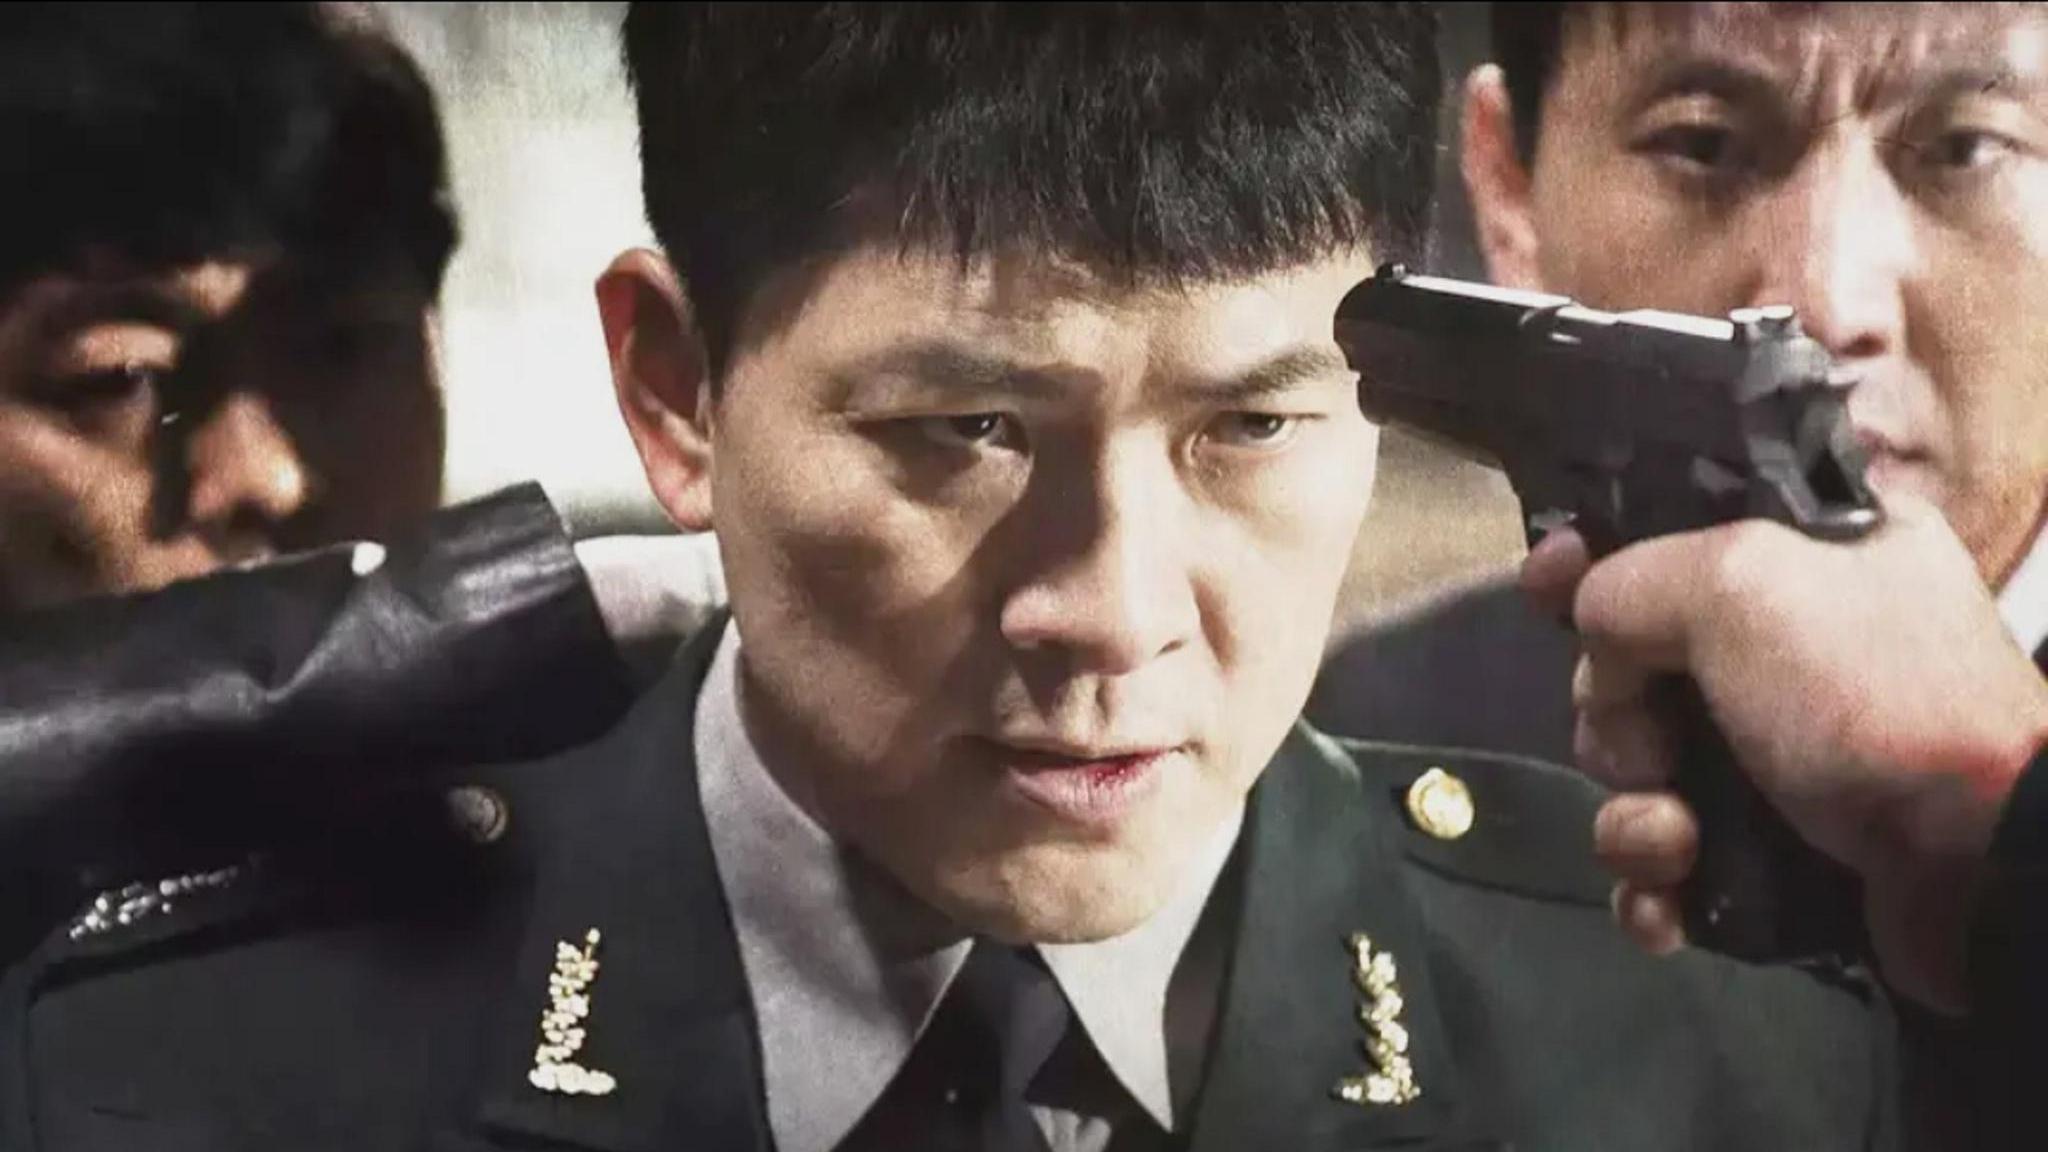 这电影只有韩国才敢拍!耗时8年才上映,扯下了韩军最后的遮羞布